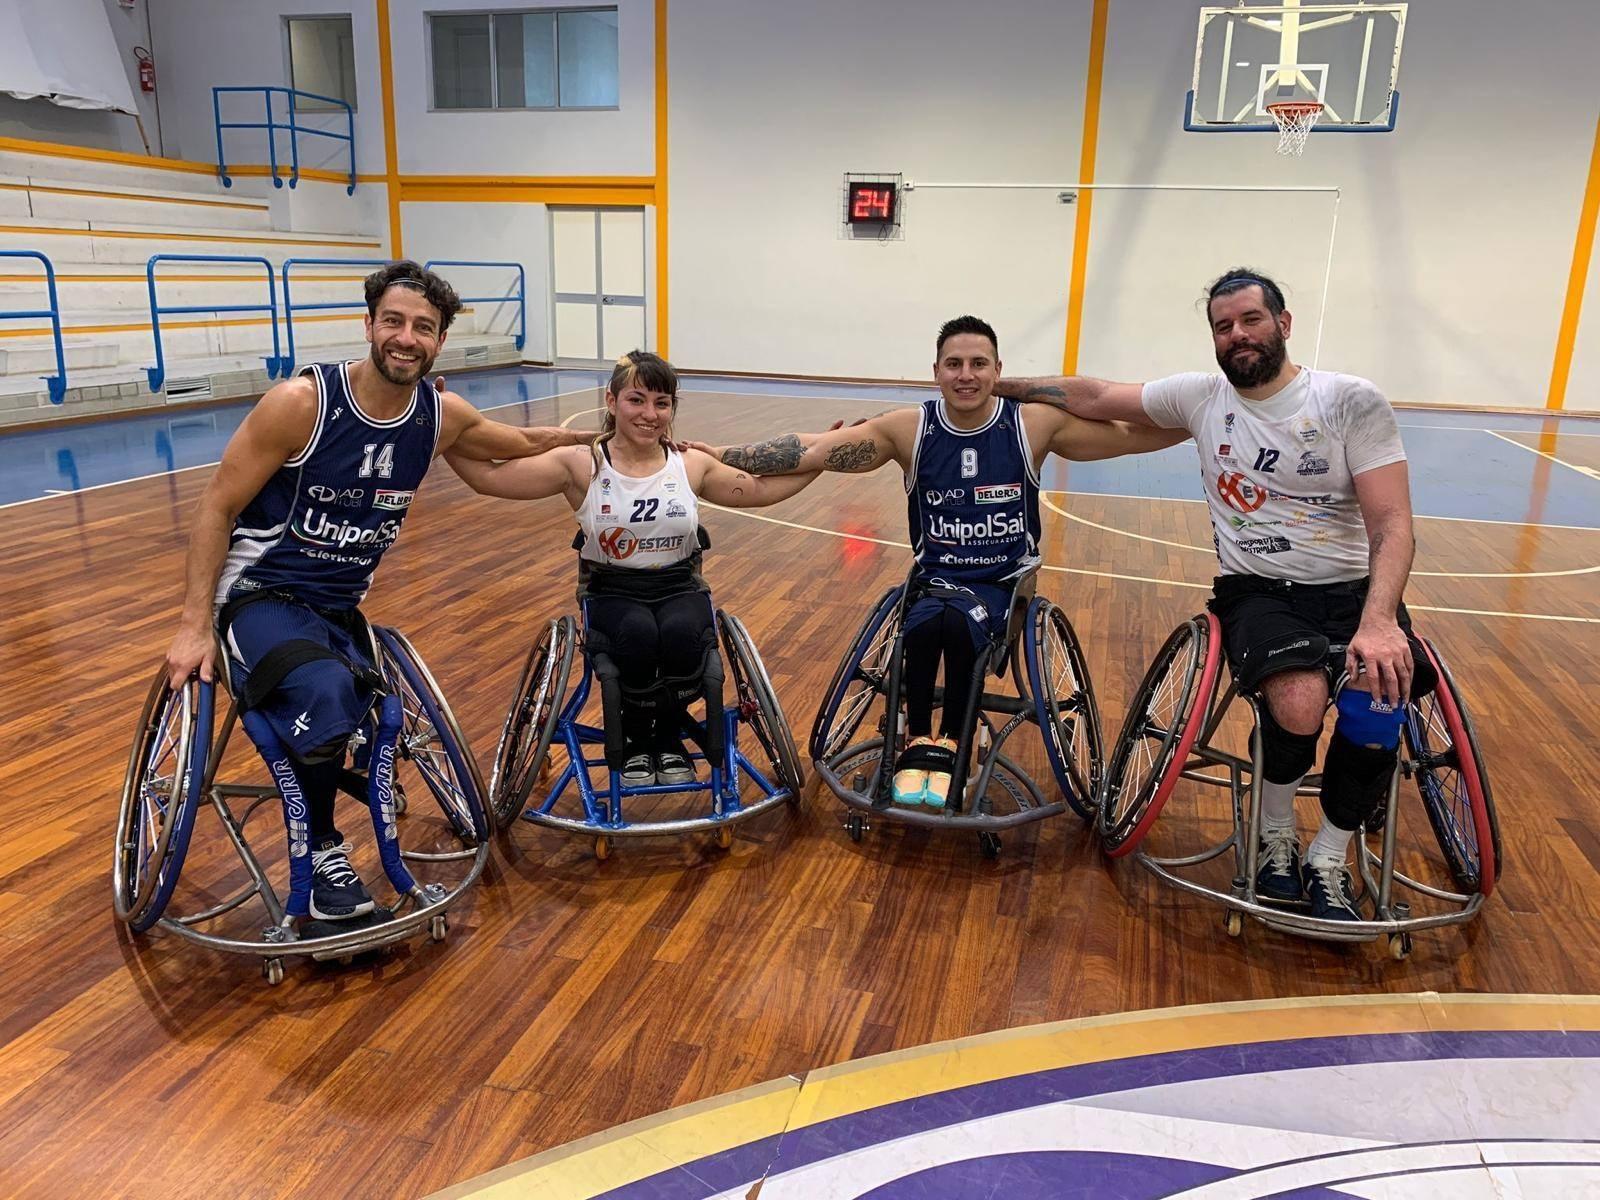 Básquet sobre silla de ruedas: el Briantea se quedó con el duelo de argentinos en la Liga Italiana